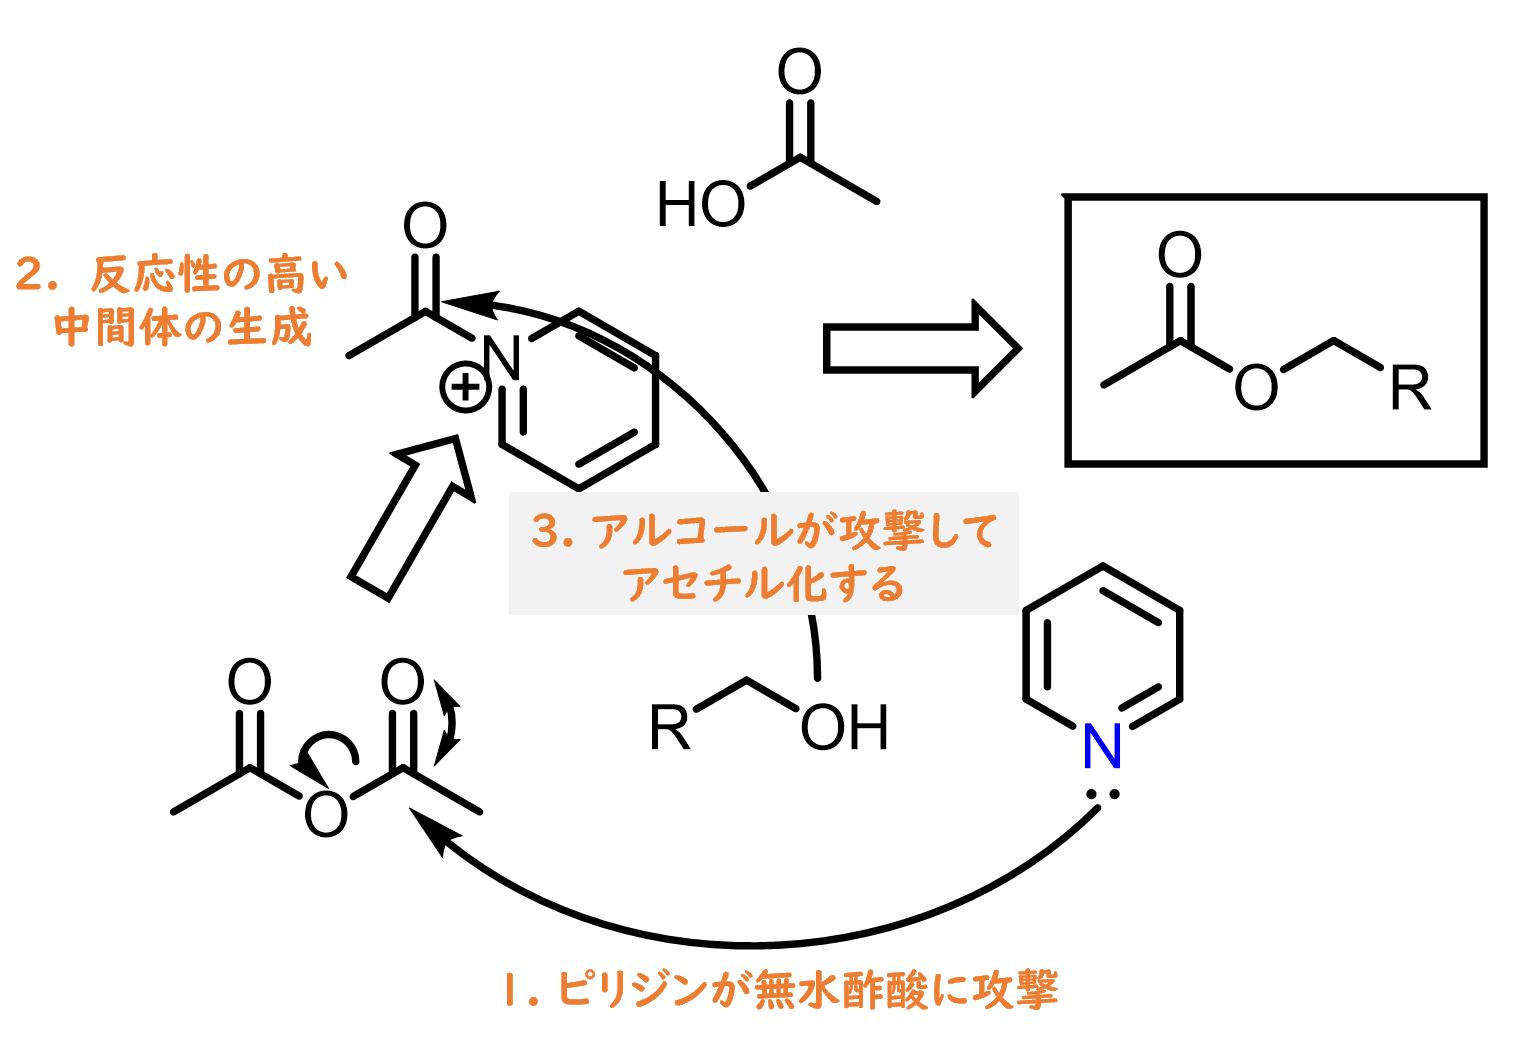 アセチル化におけるピリジンの効果